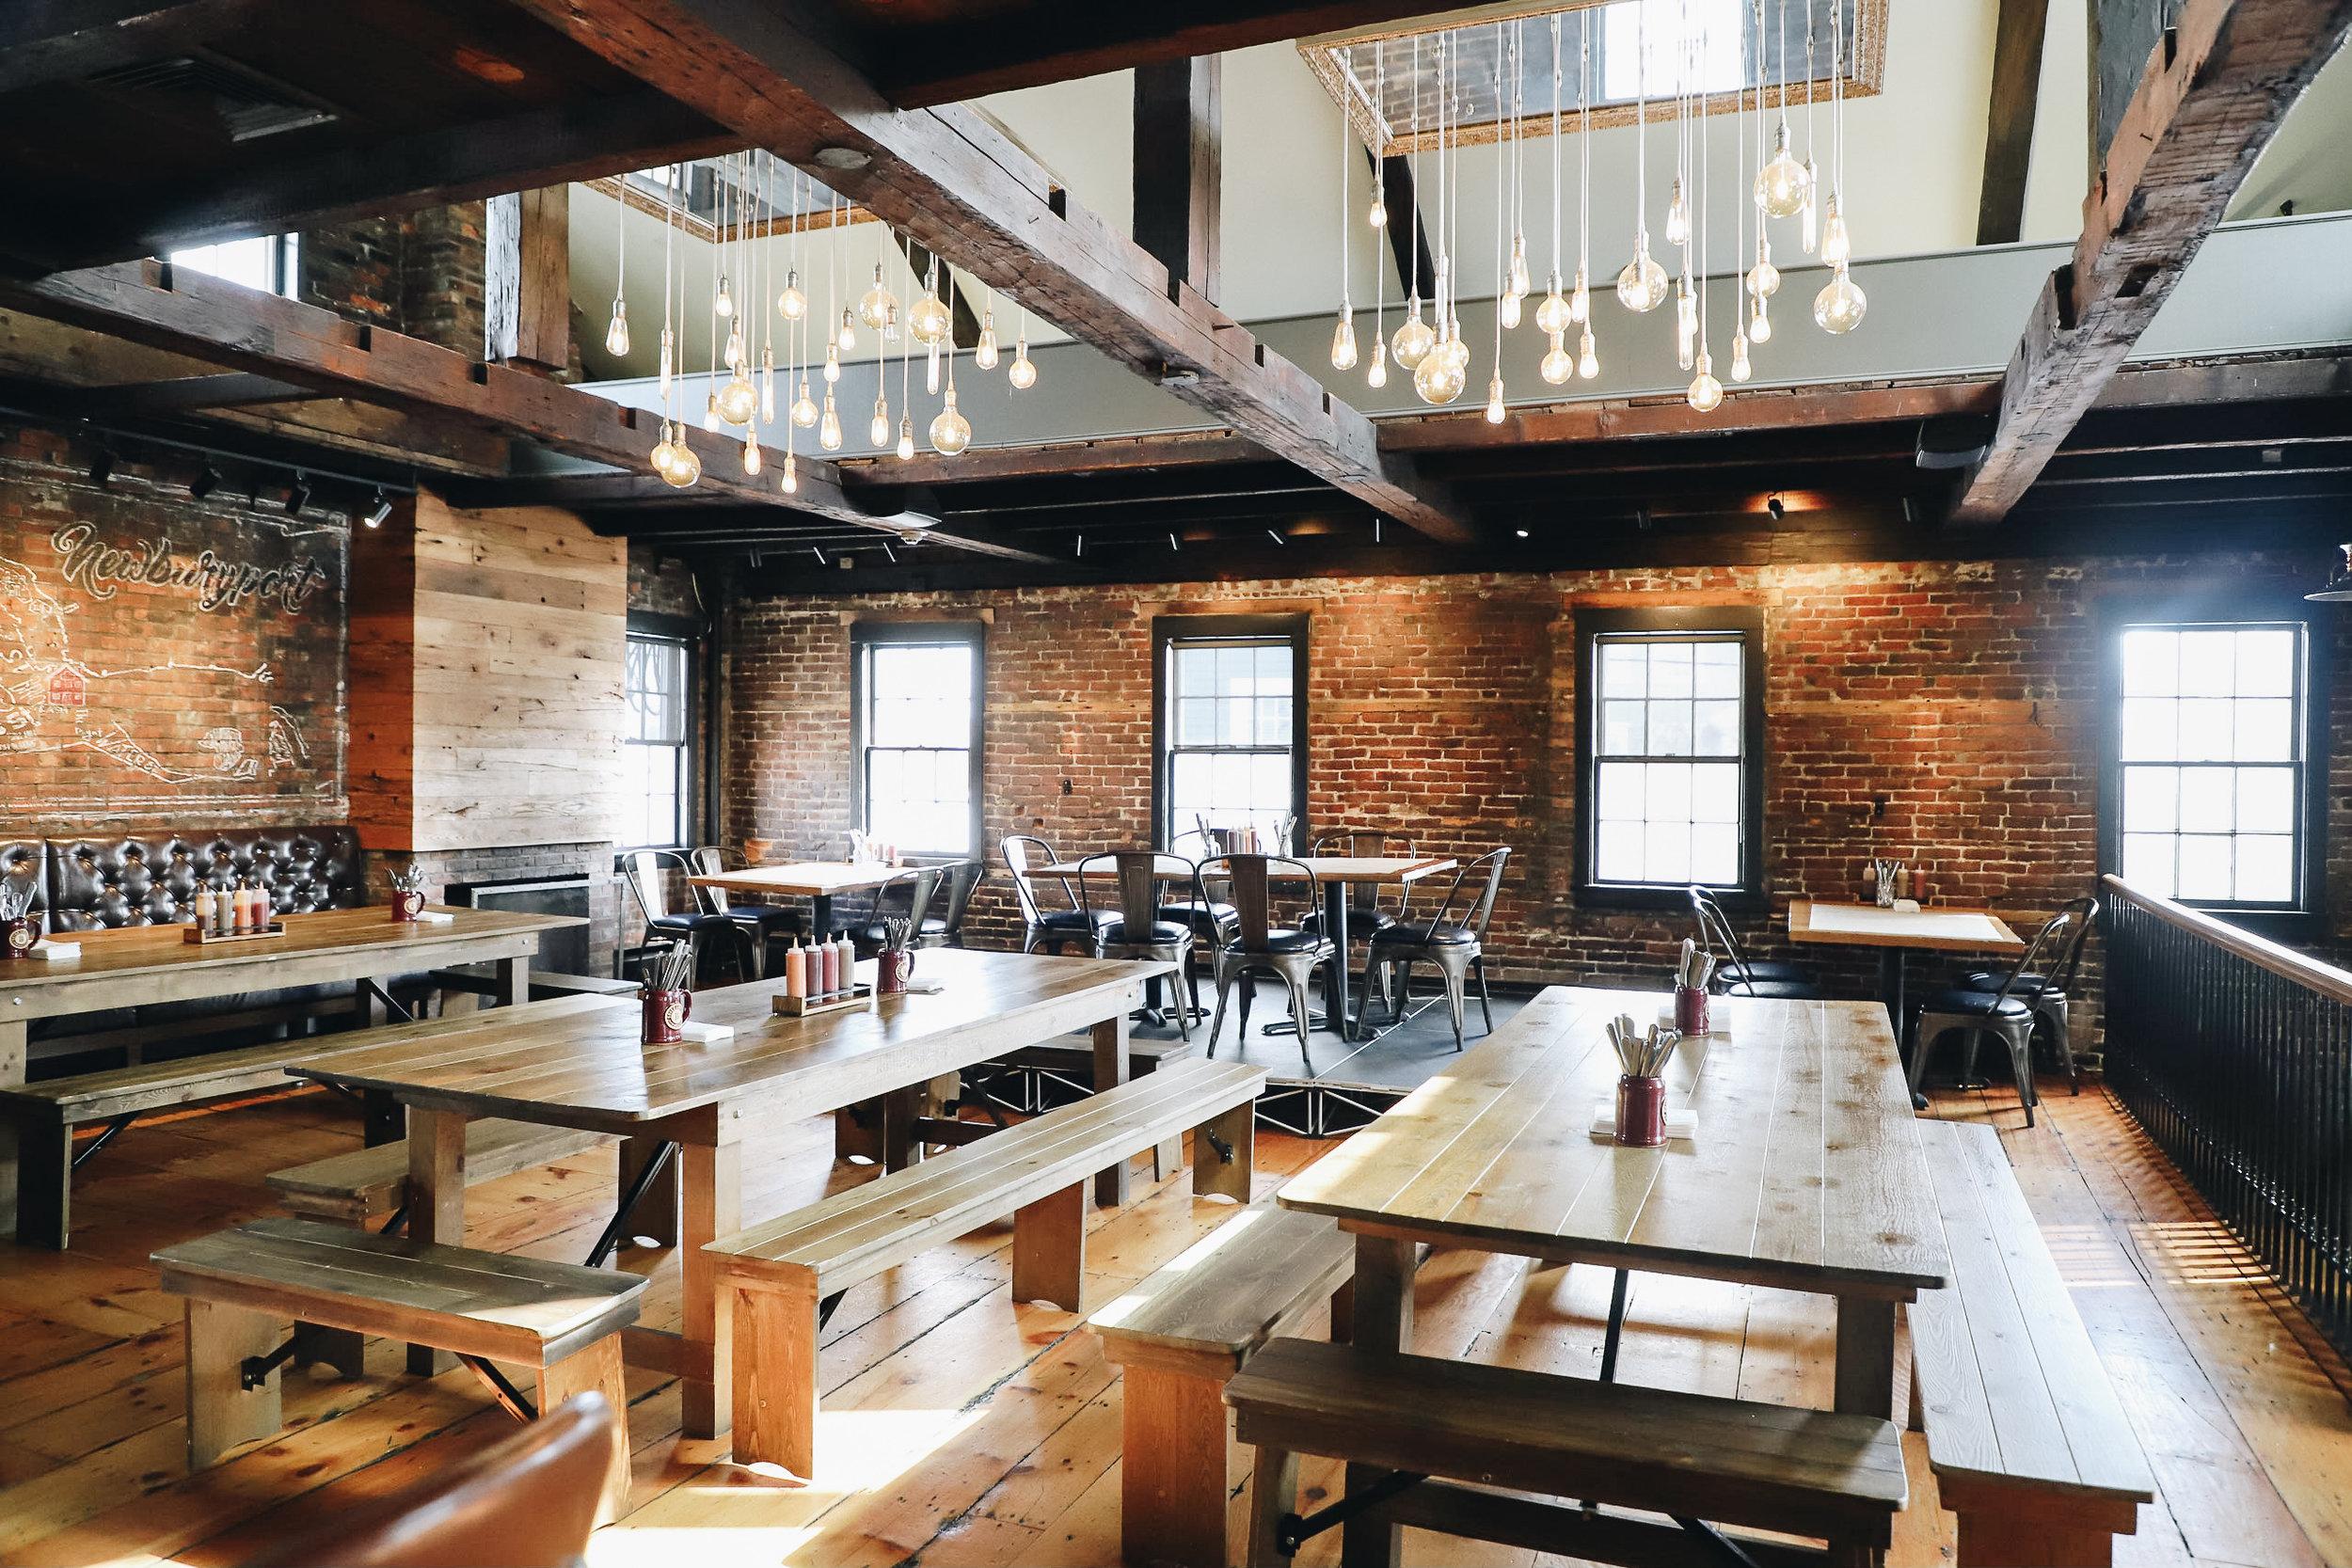 diningw_hanginglights.jpg